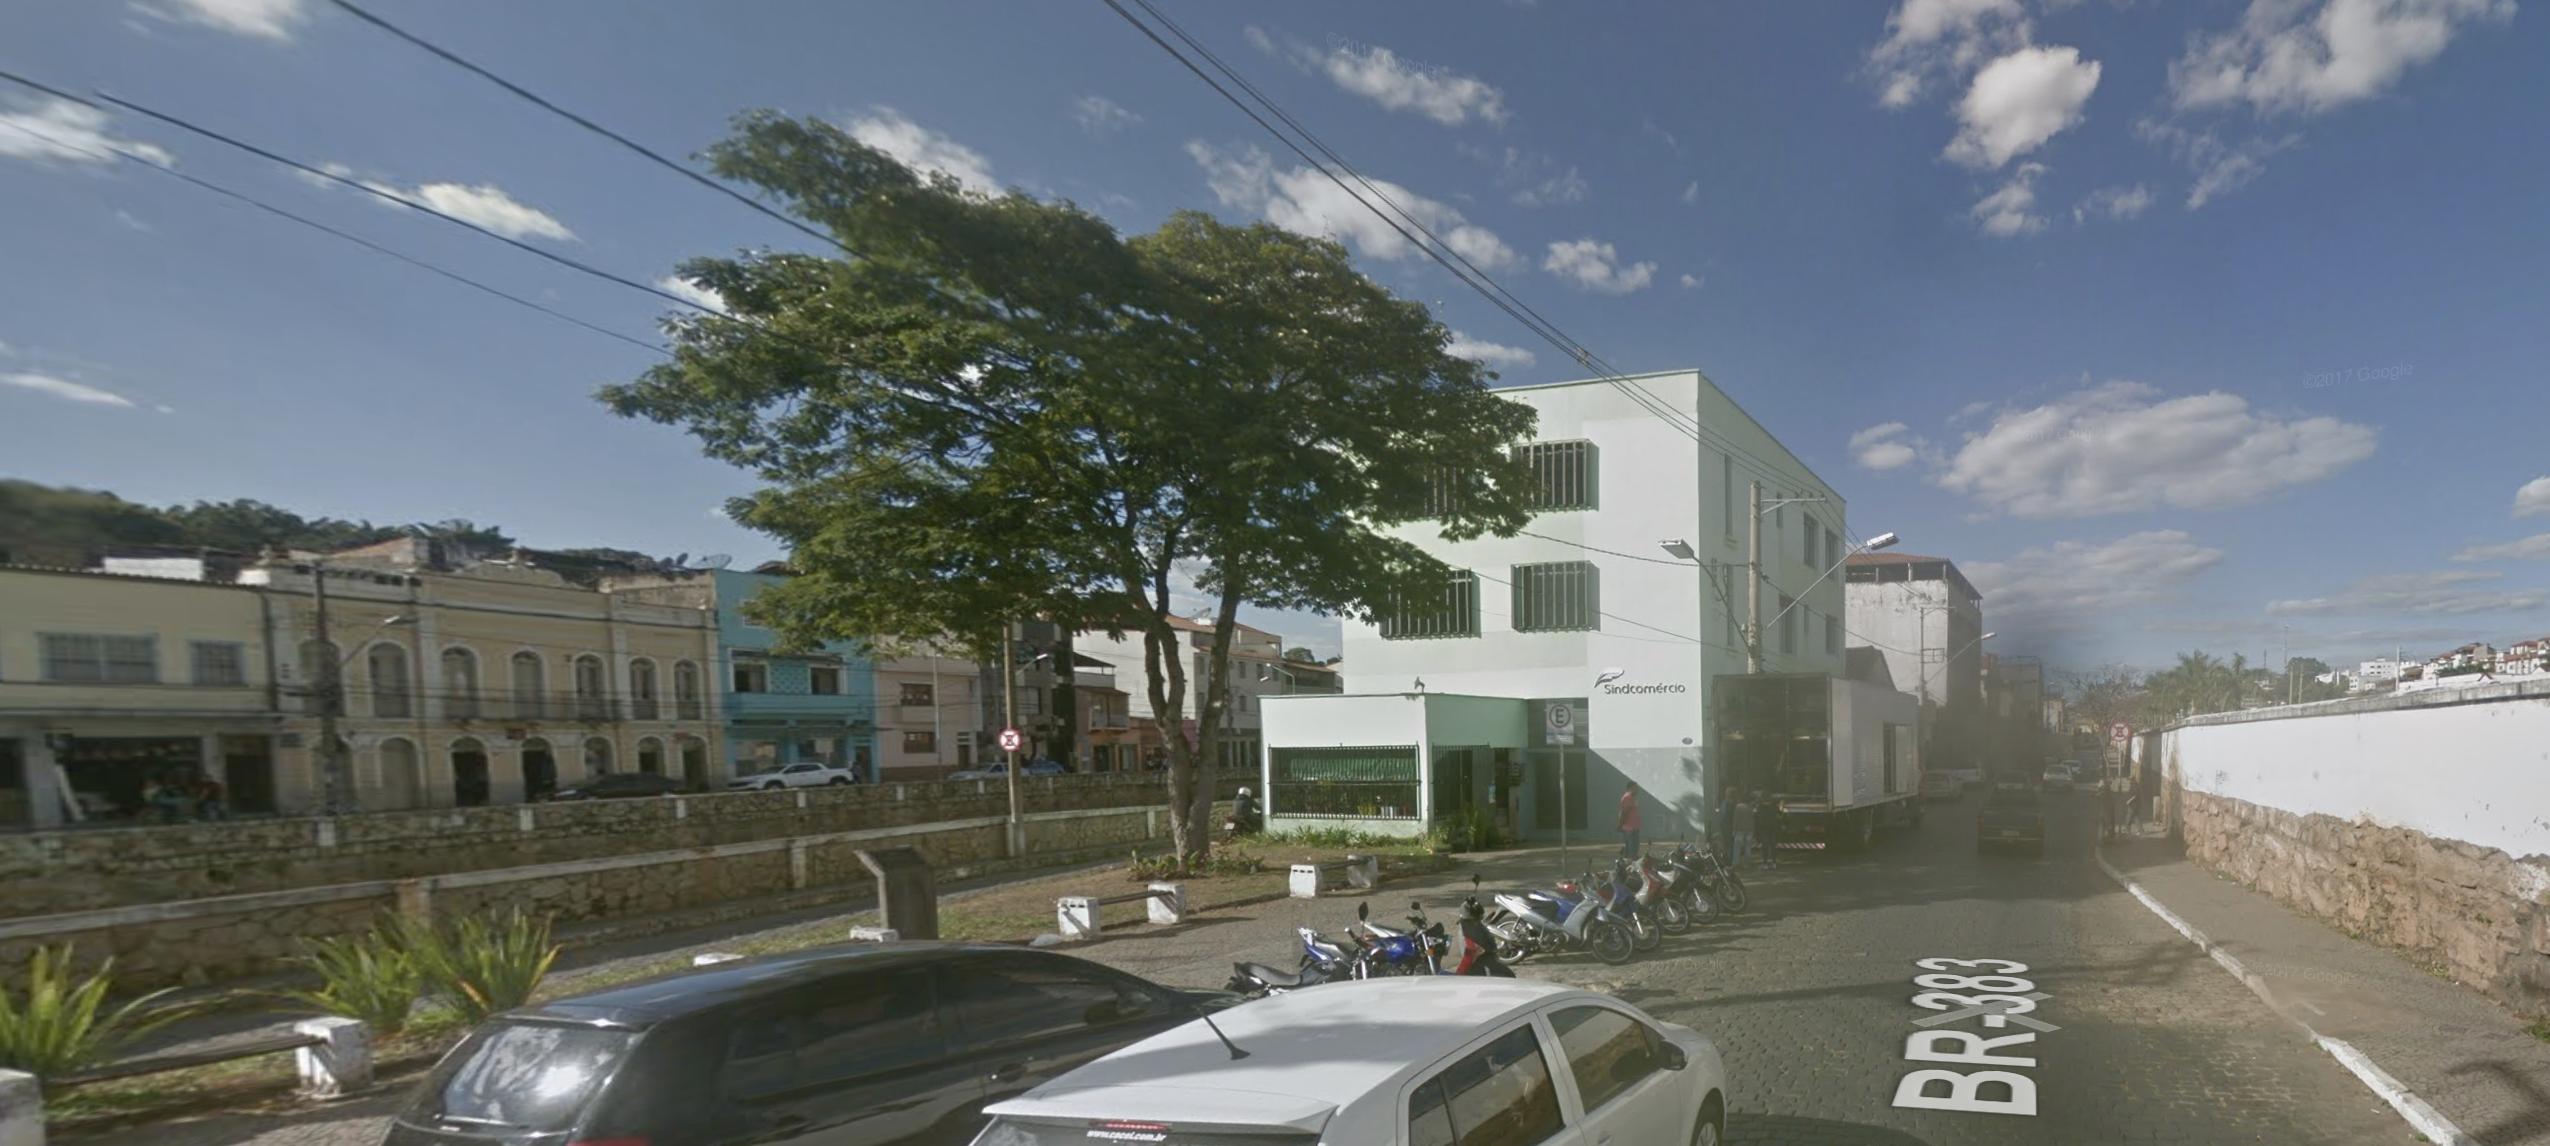 Sindcomérico de São João del-Rei. Foto: Google Maps